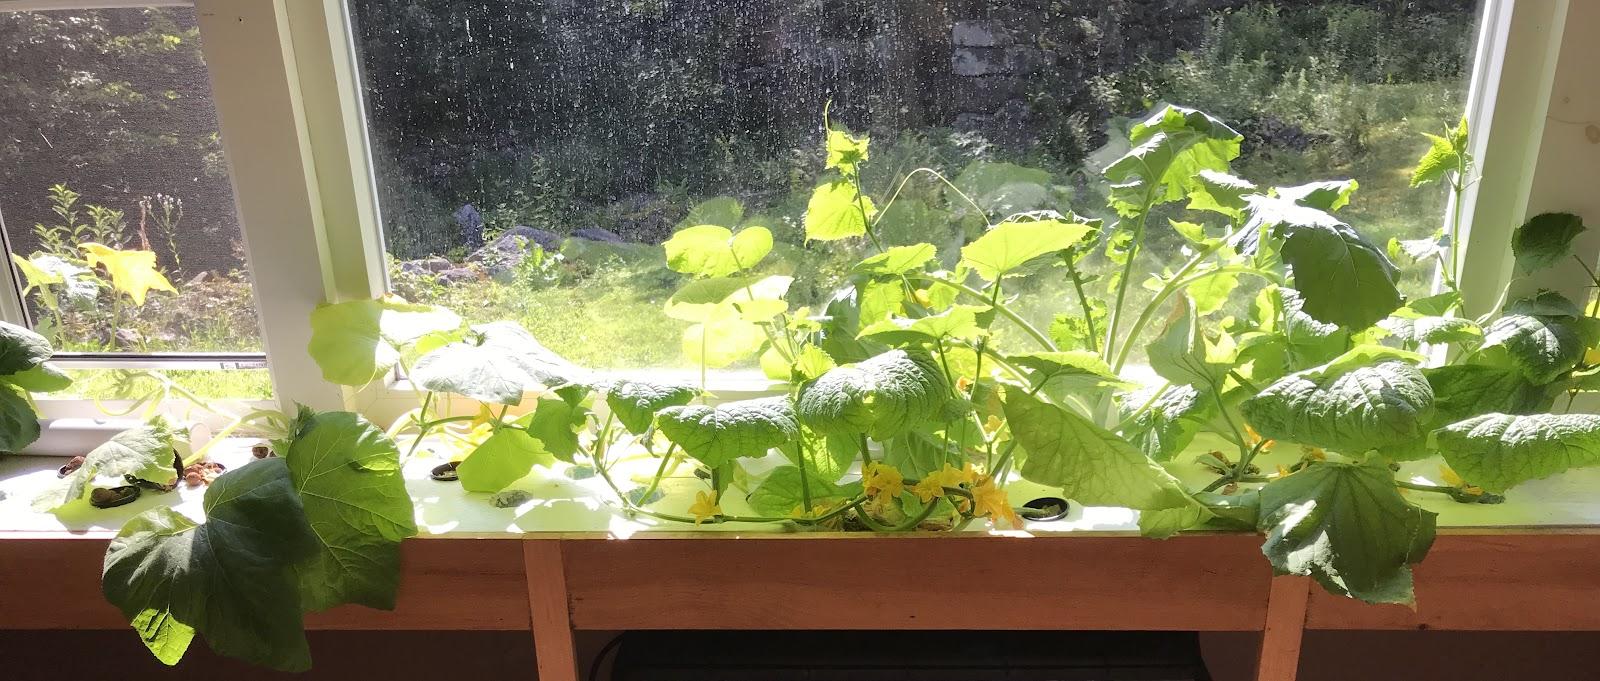 Home aquaponic